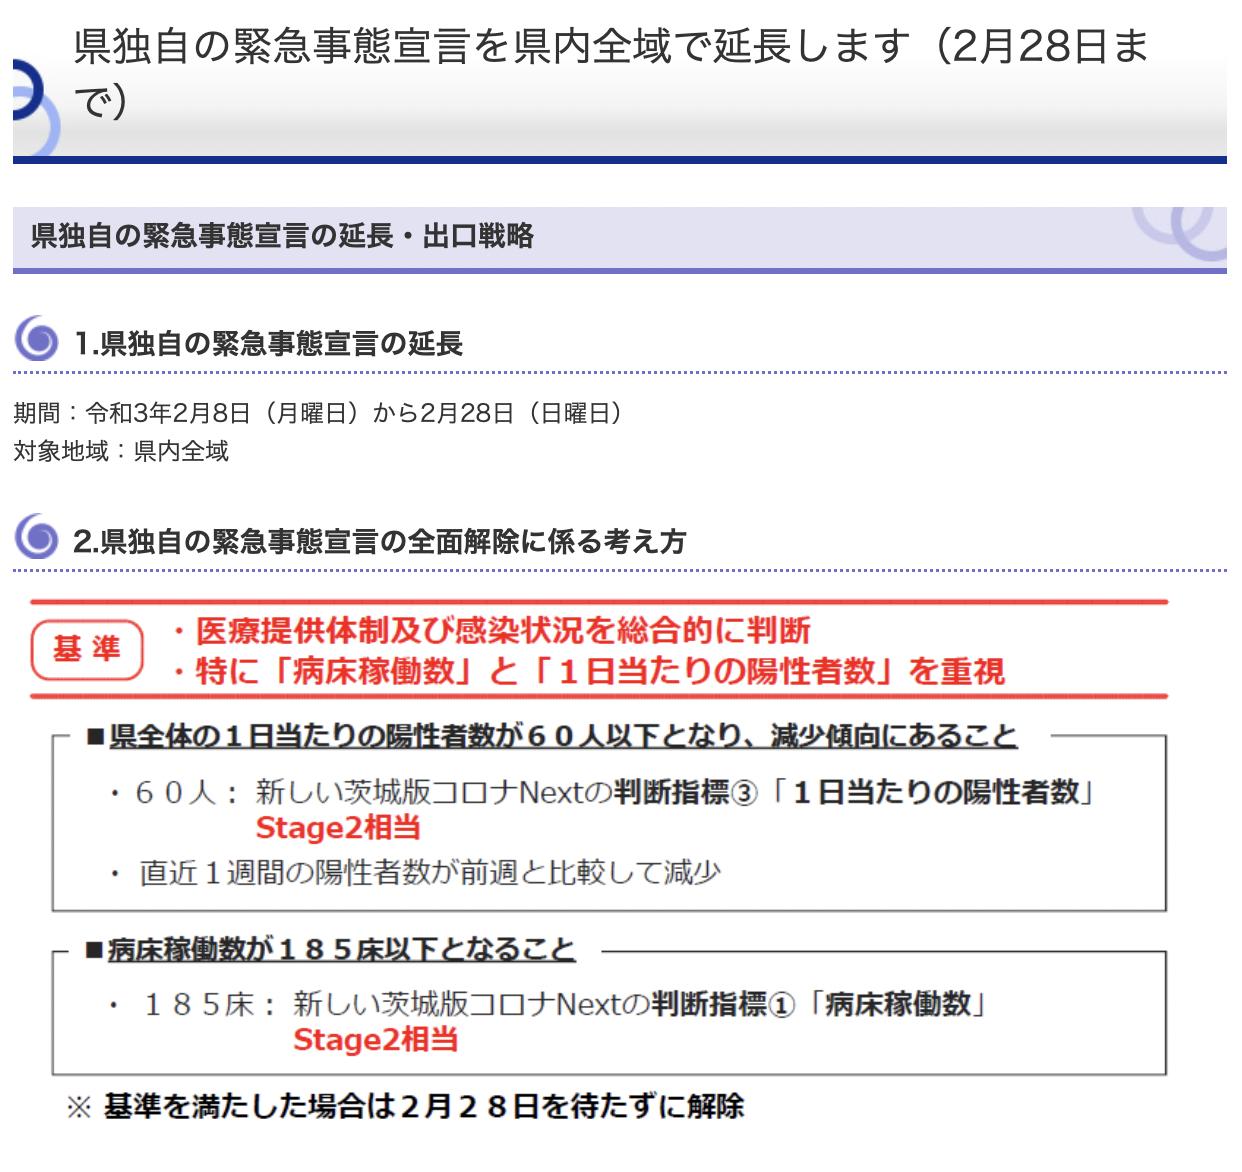 茨城県緊急事態延長